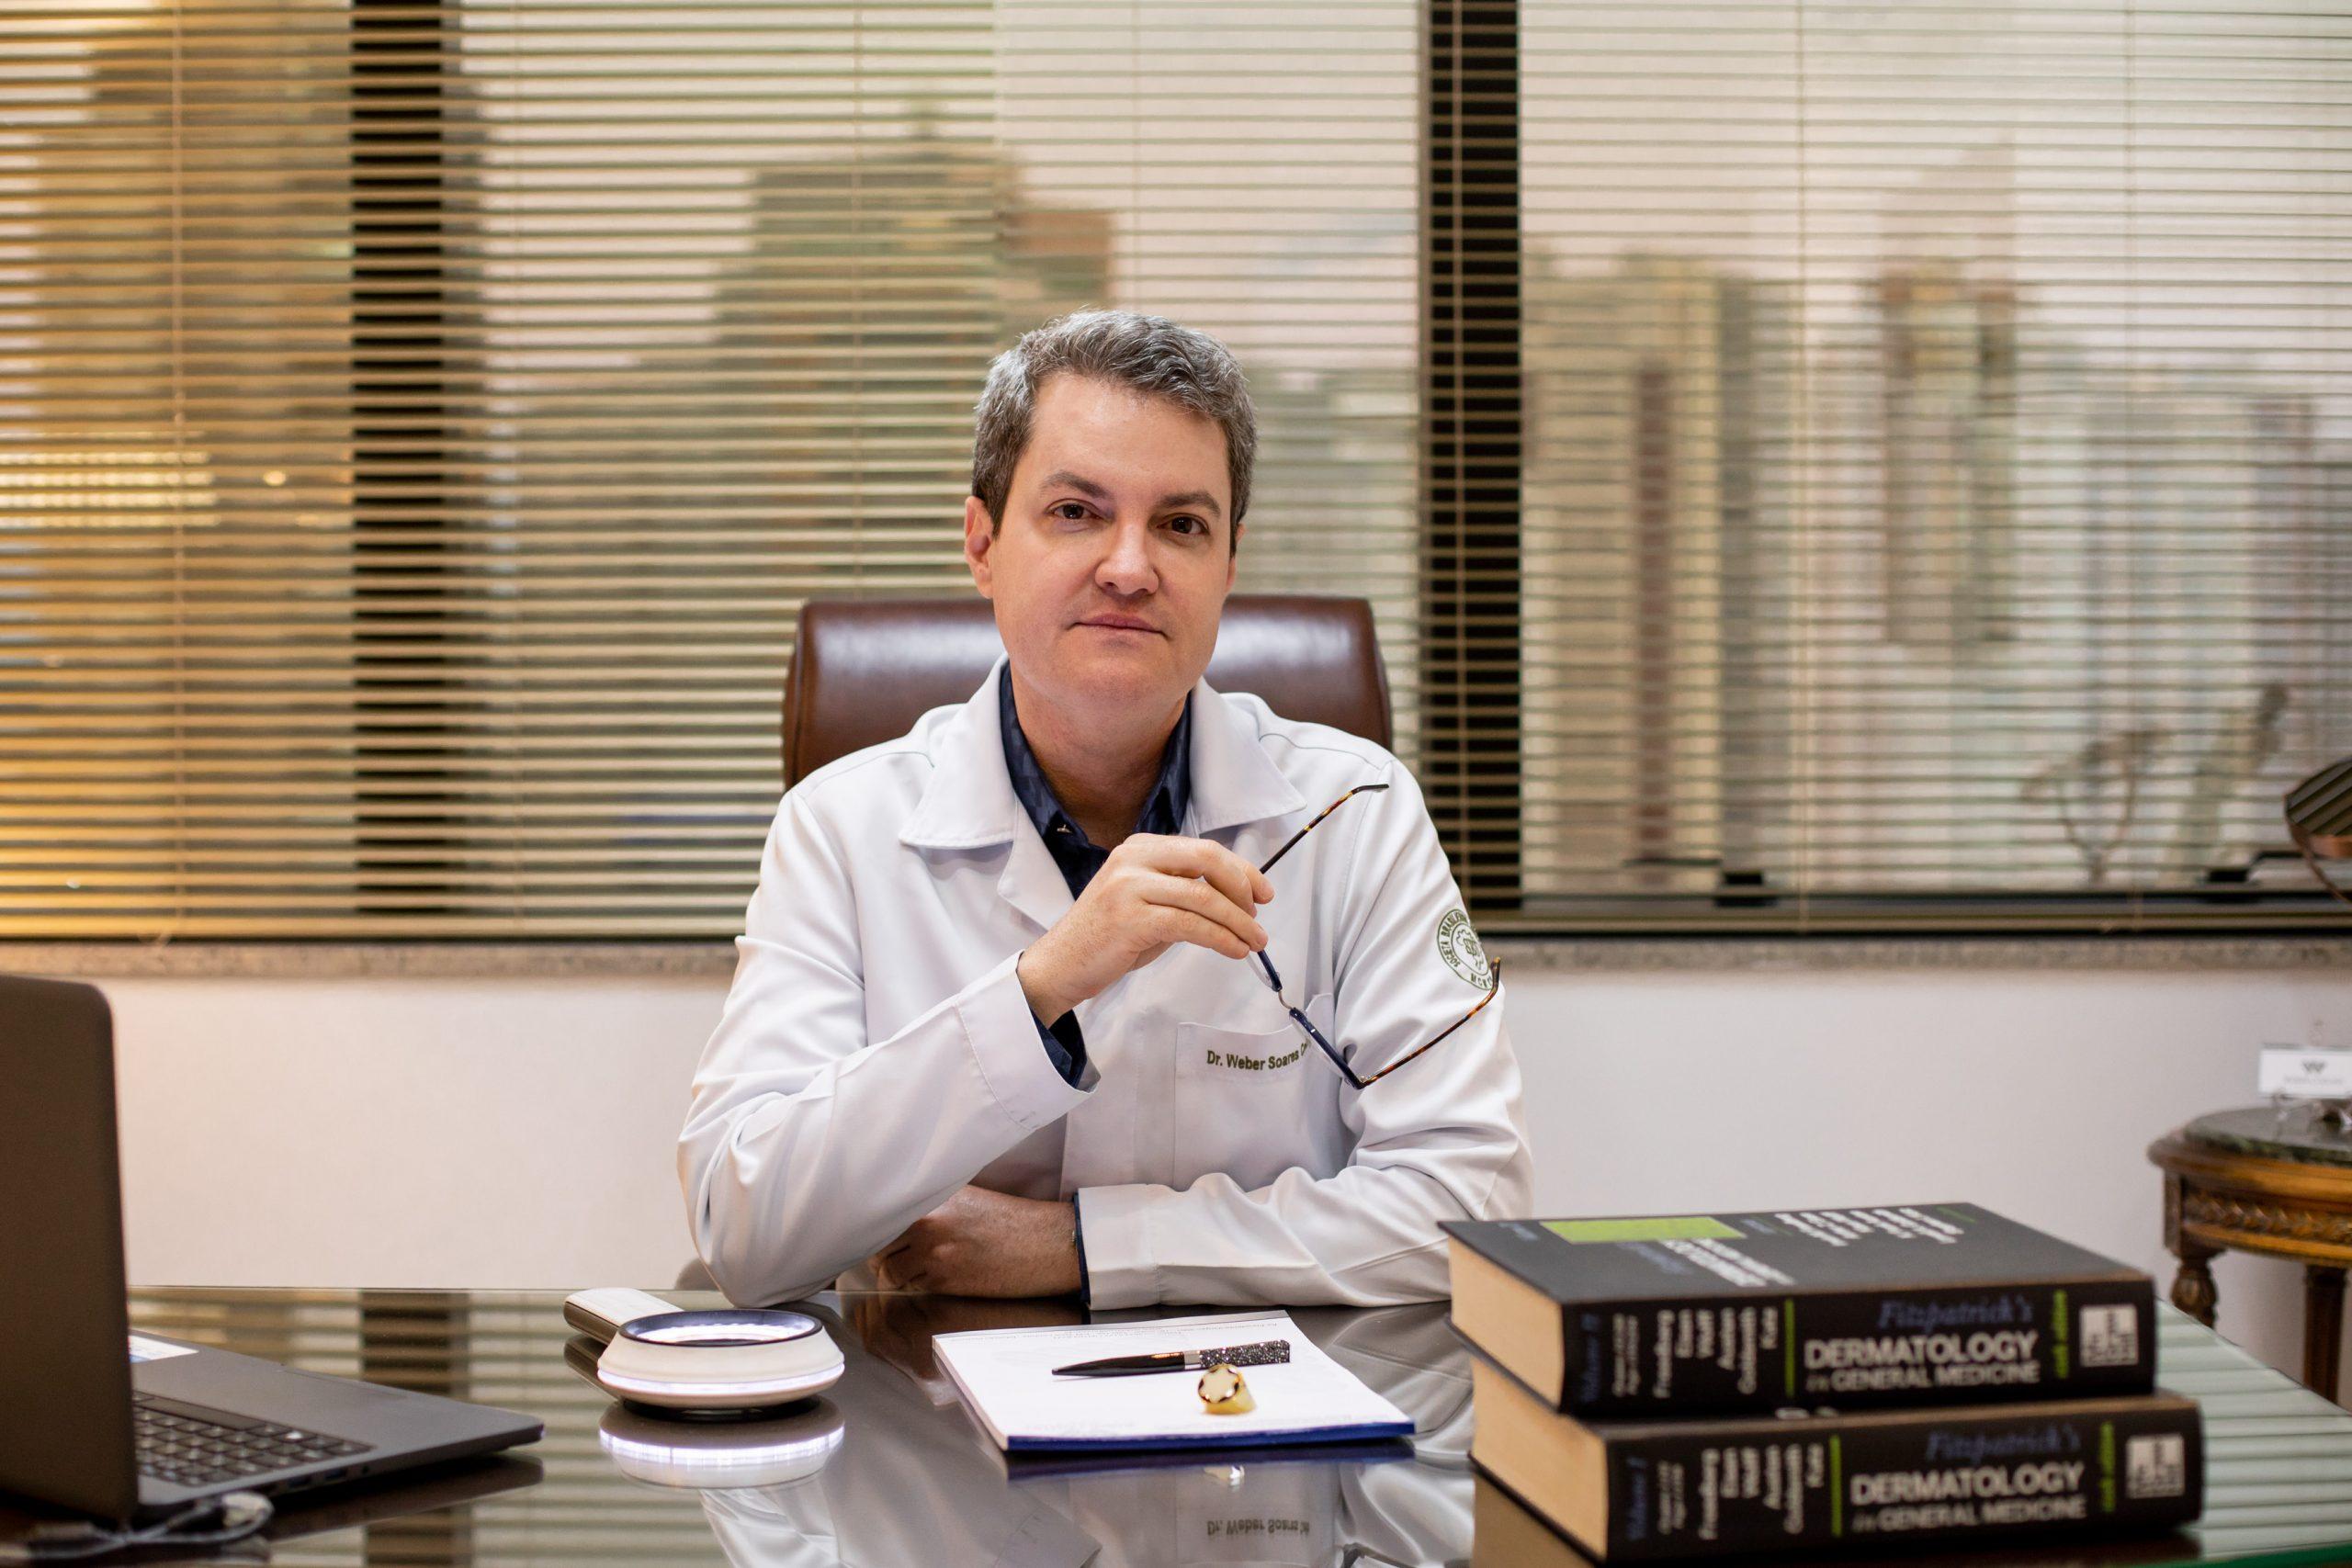 Médico alerta para agravamento de doenças de pele causadas por estresse pelo isolamento social